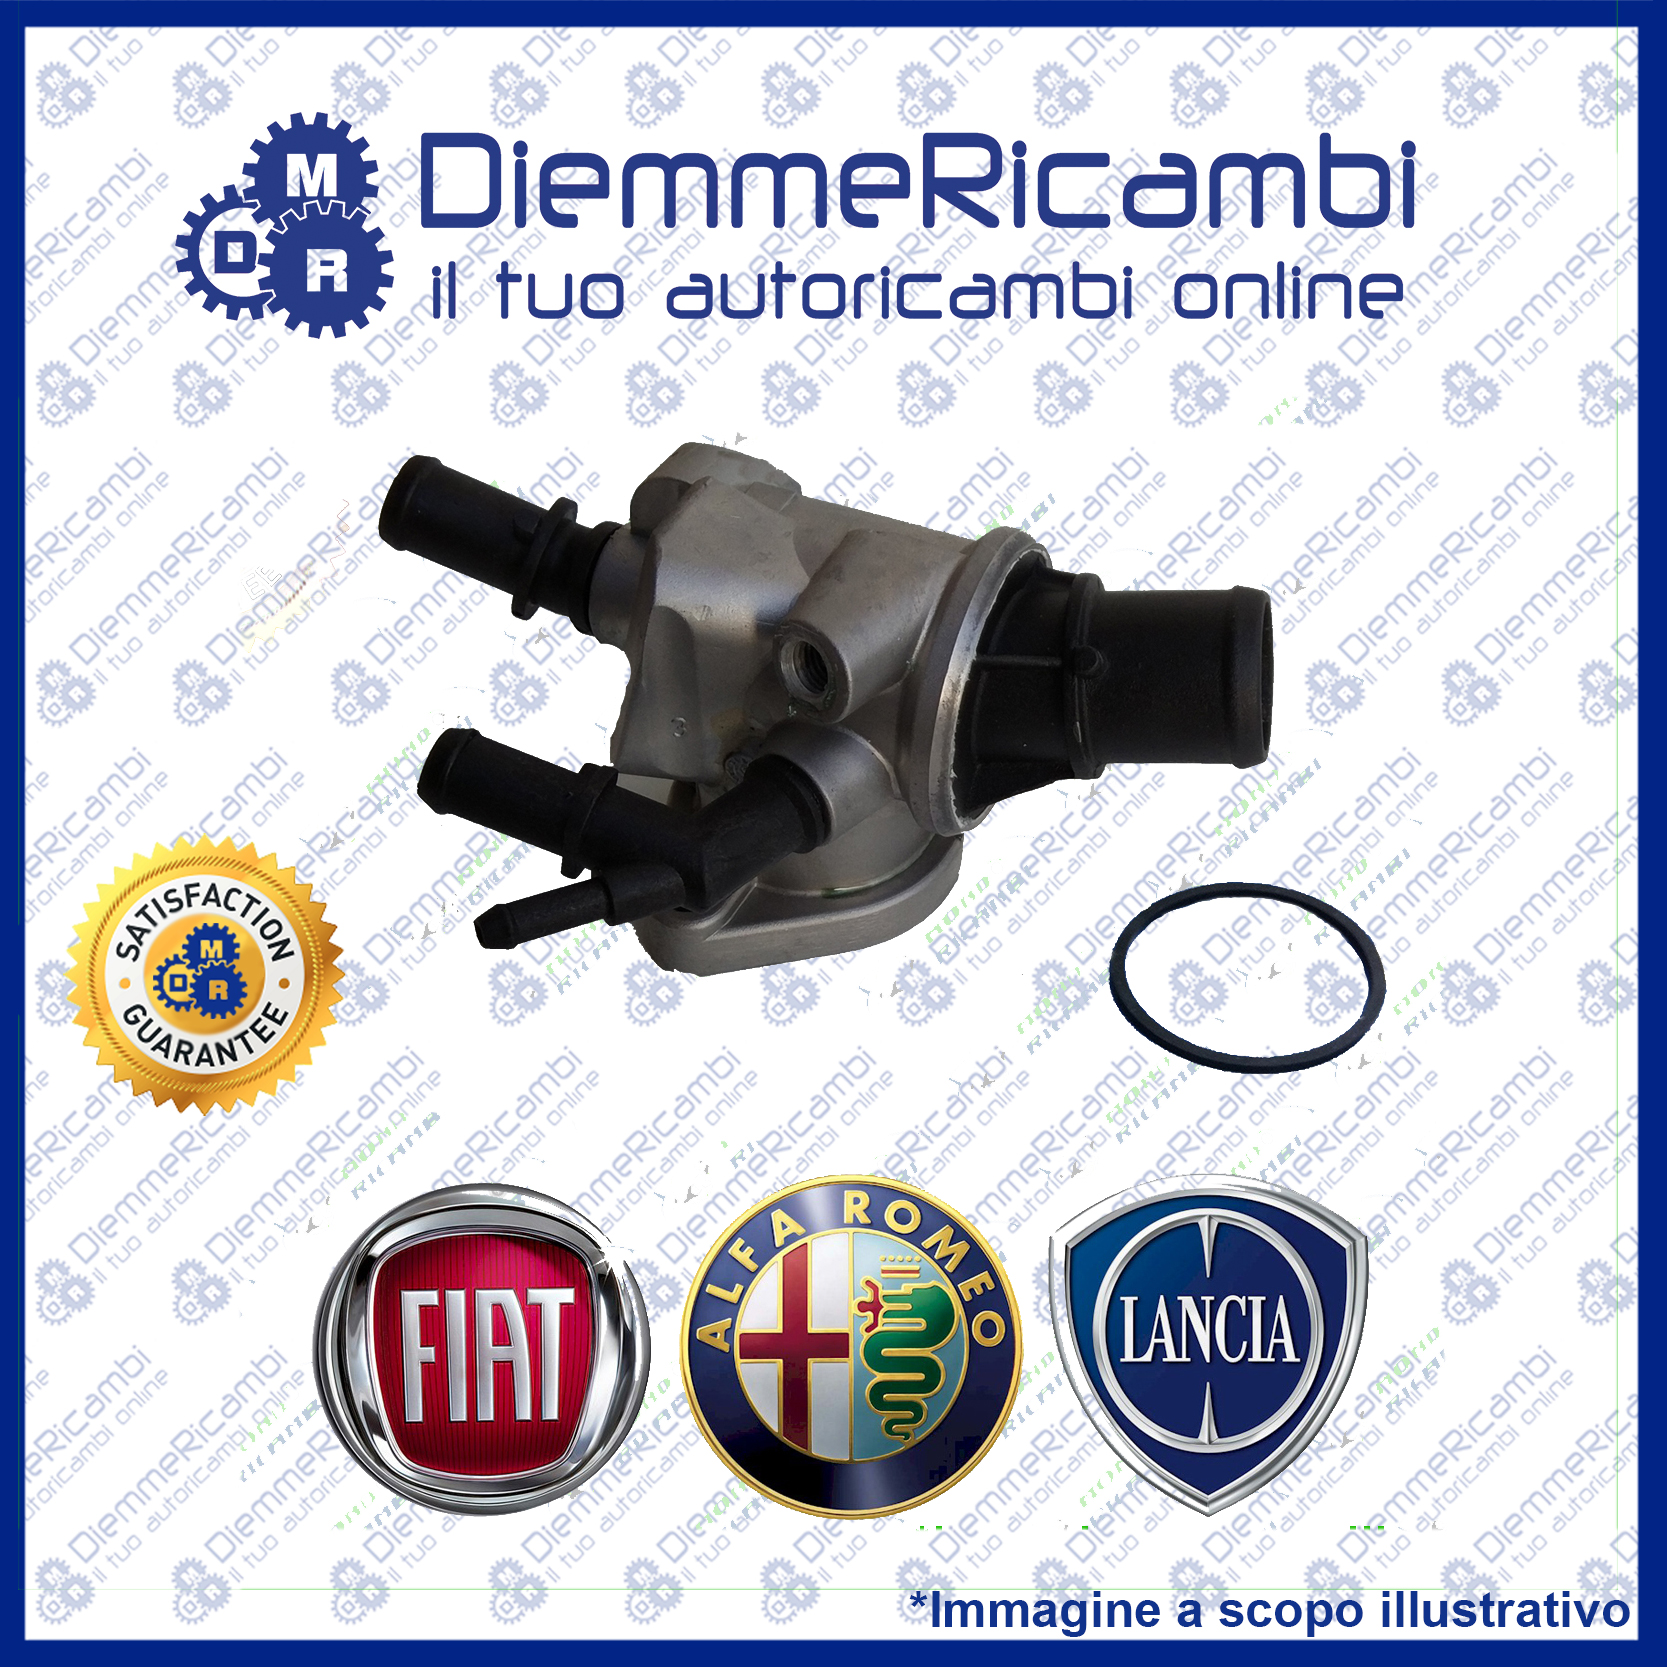 VALVOLA TERMOSTATICA FIAT BRAVO II 1.9 MULTIJET 150CV 06-/> TERMOSTATO